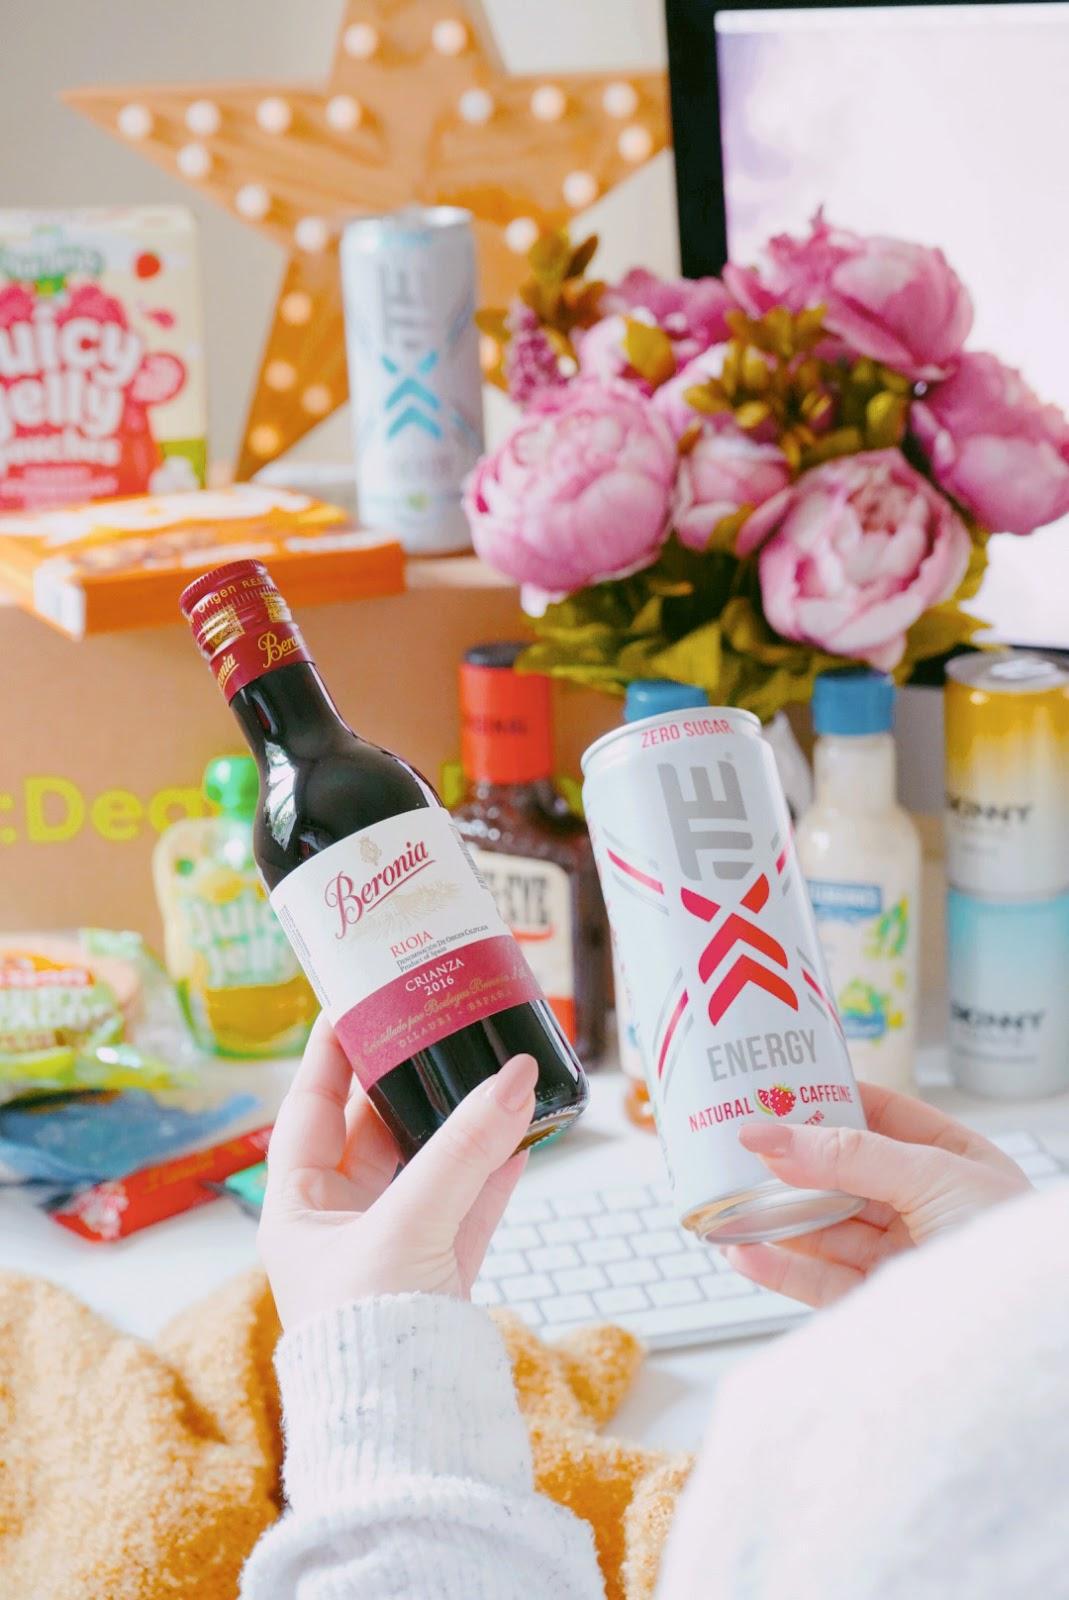 DegustaBox - May 2020